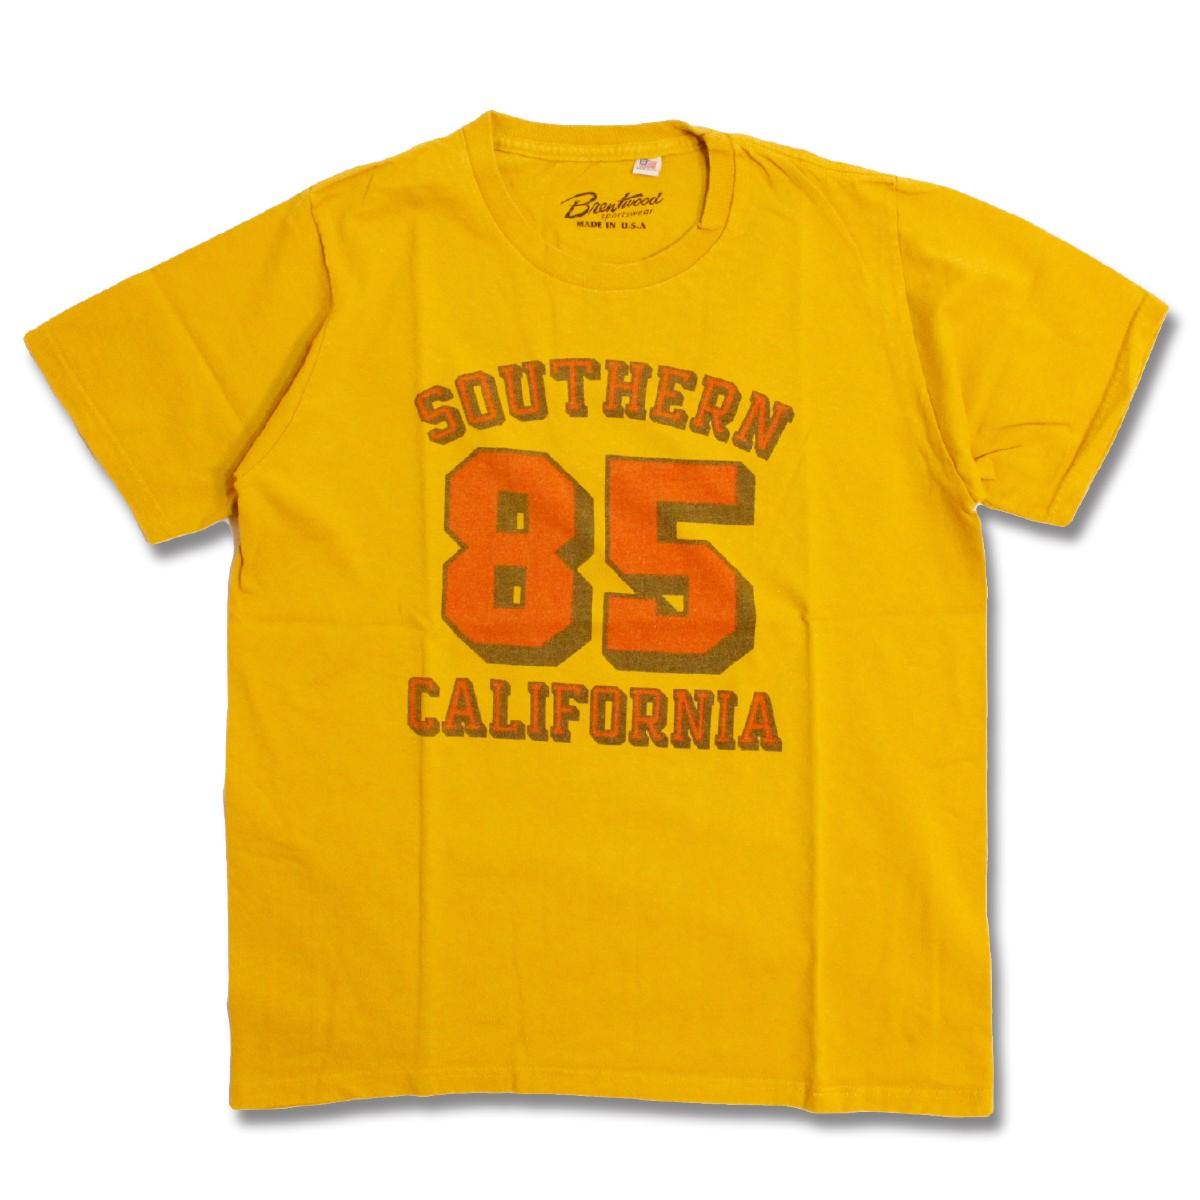 Tシャツ 登場大人気アイテム 半袖 ブランド 半袖T 半袖Tシャツ アメリカ製 USA カットソー アメカジ メンズ イエロー XS-L レディース NO.85 お求めやすく価格改定 黄色 Brentwood ブレントウッド